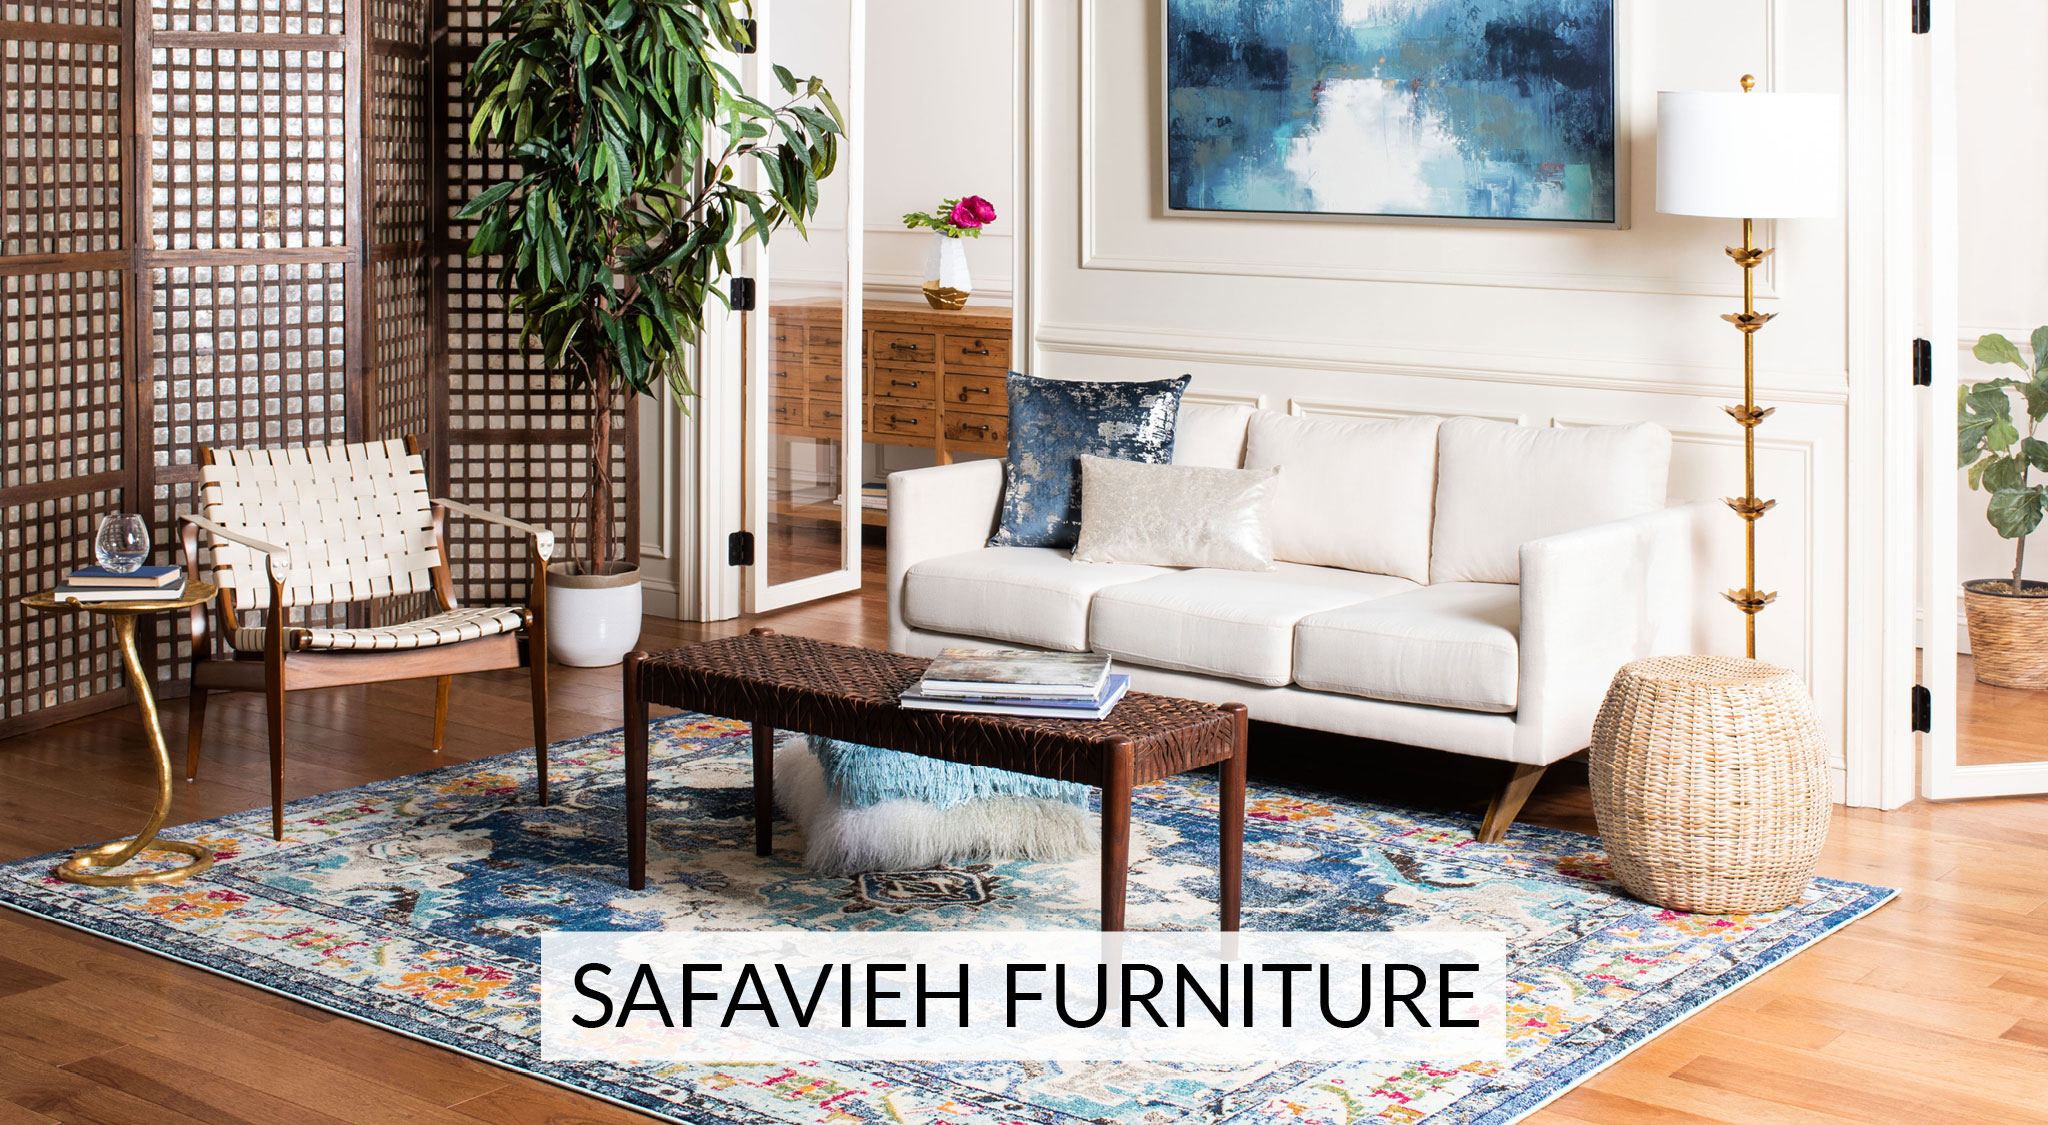 Safavieh Furniture